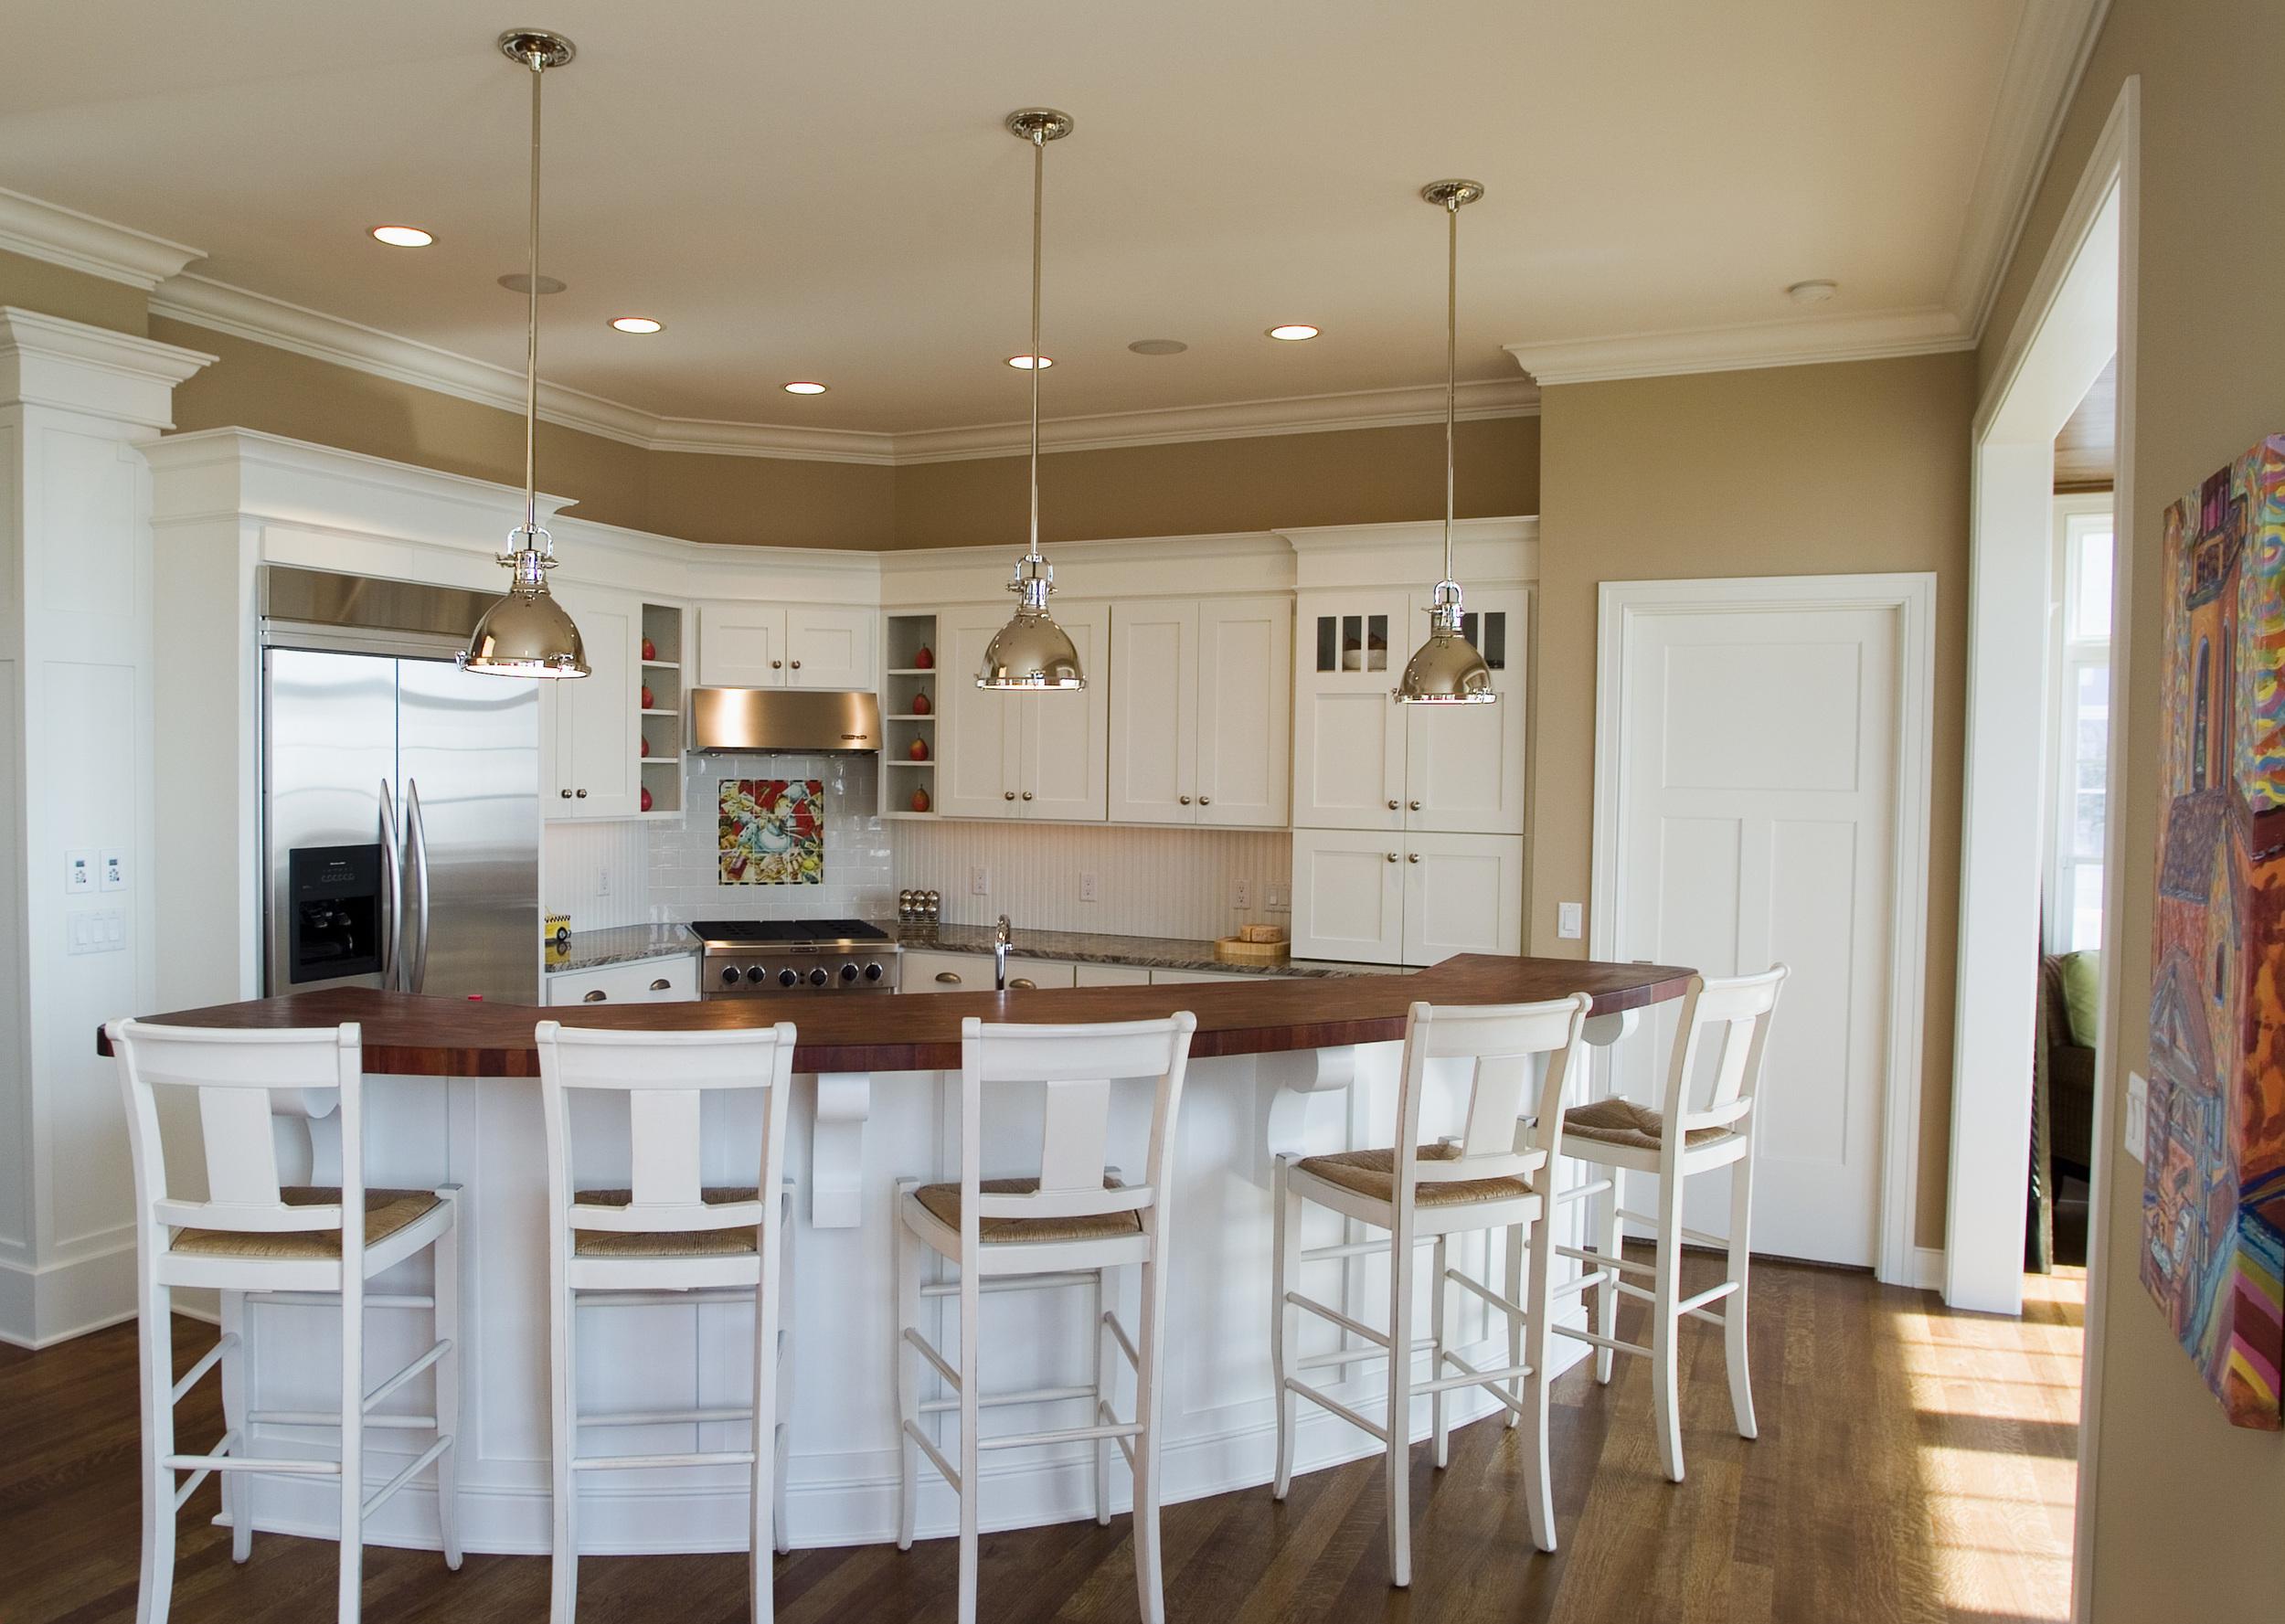 04_kitchen2_1.jpg